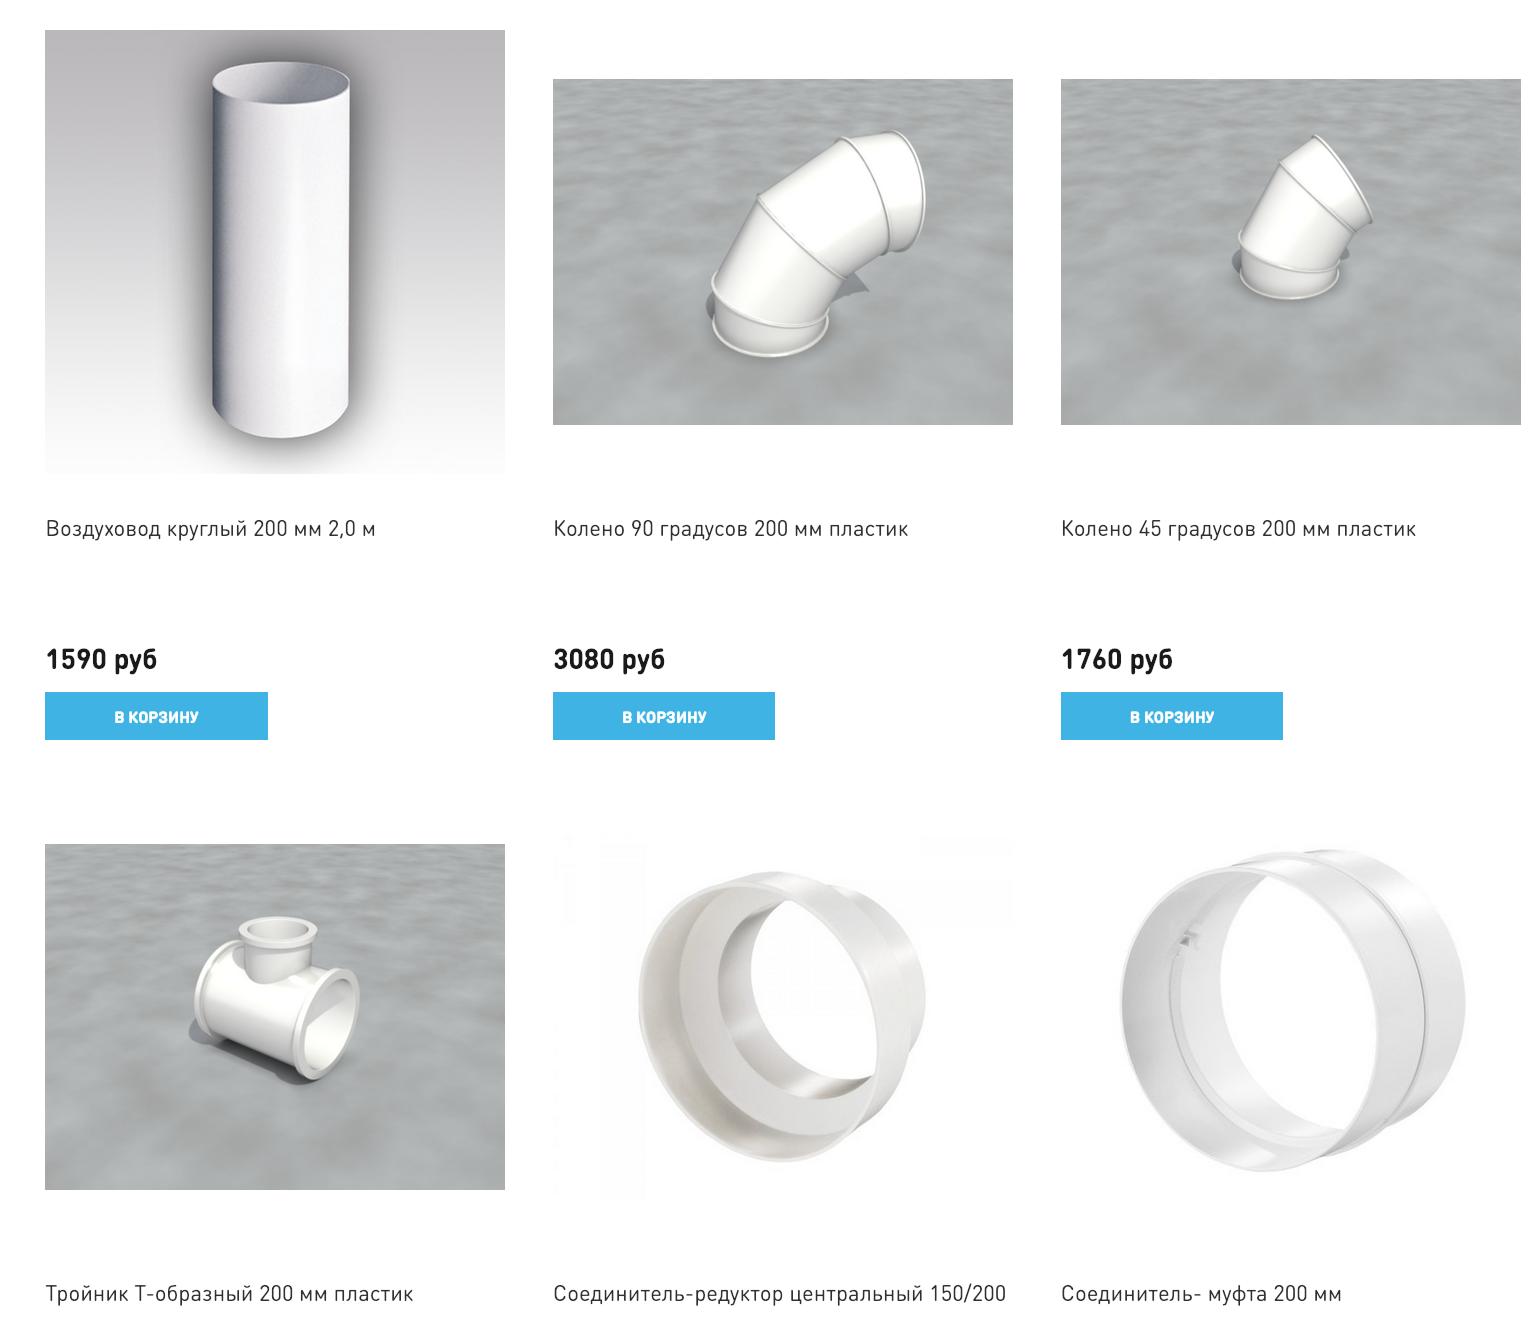 Расширение линейки пластиковых воздуховодов ф 200 мм!